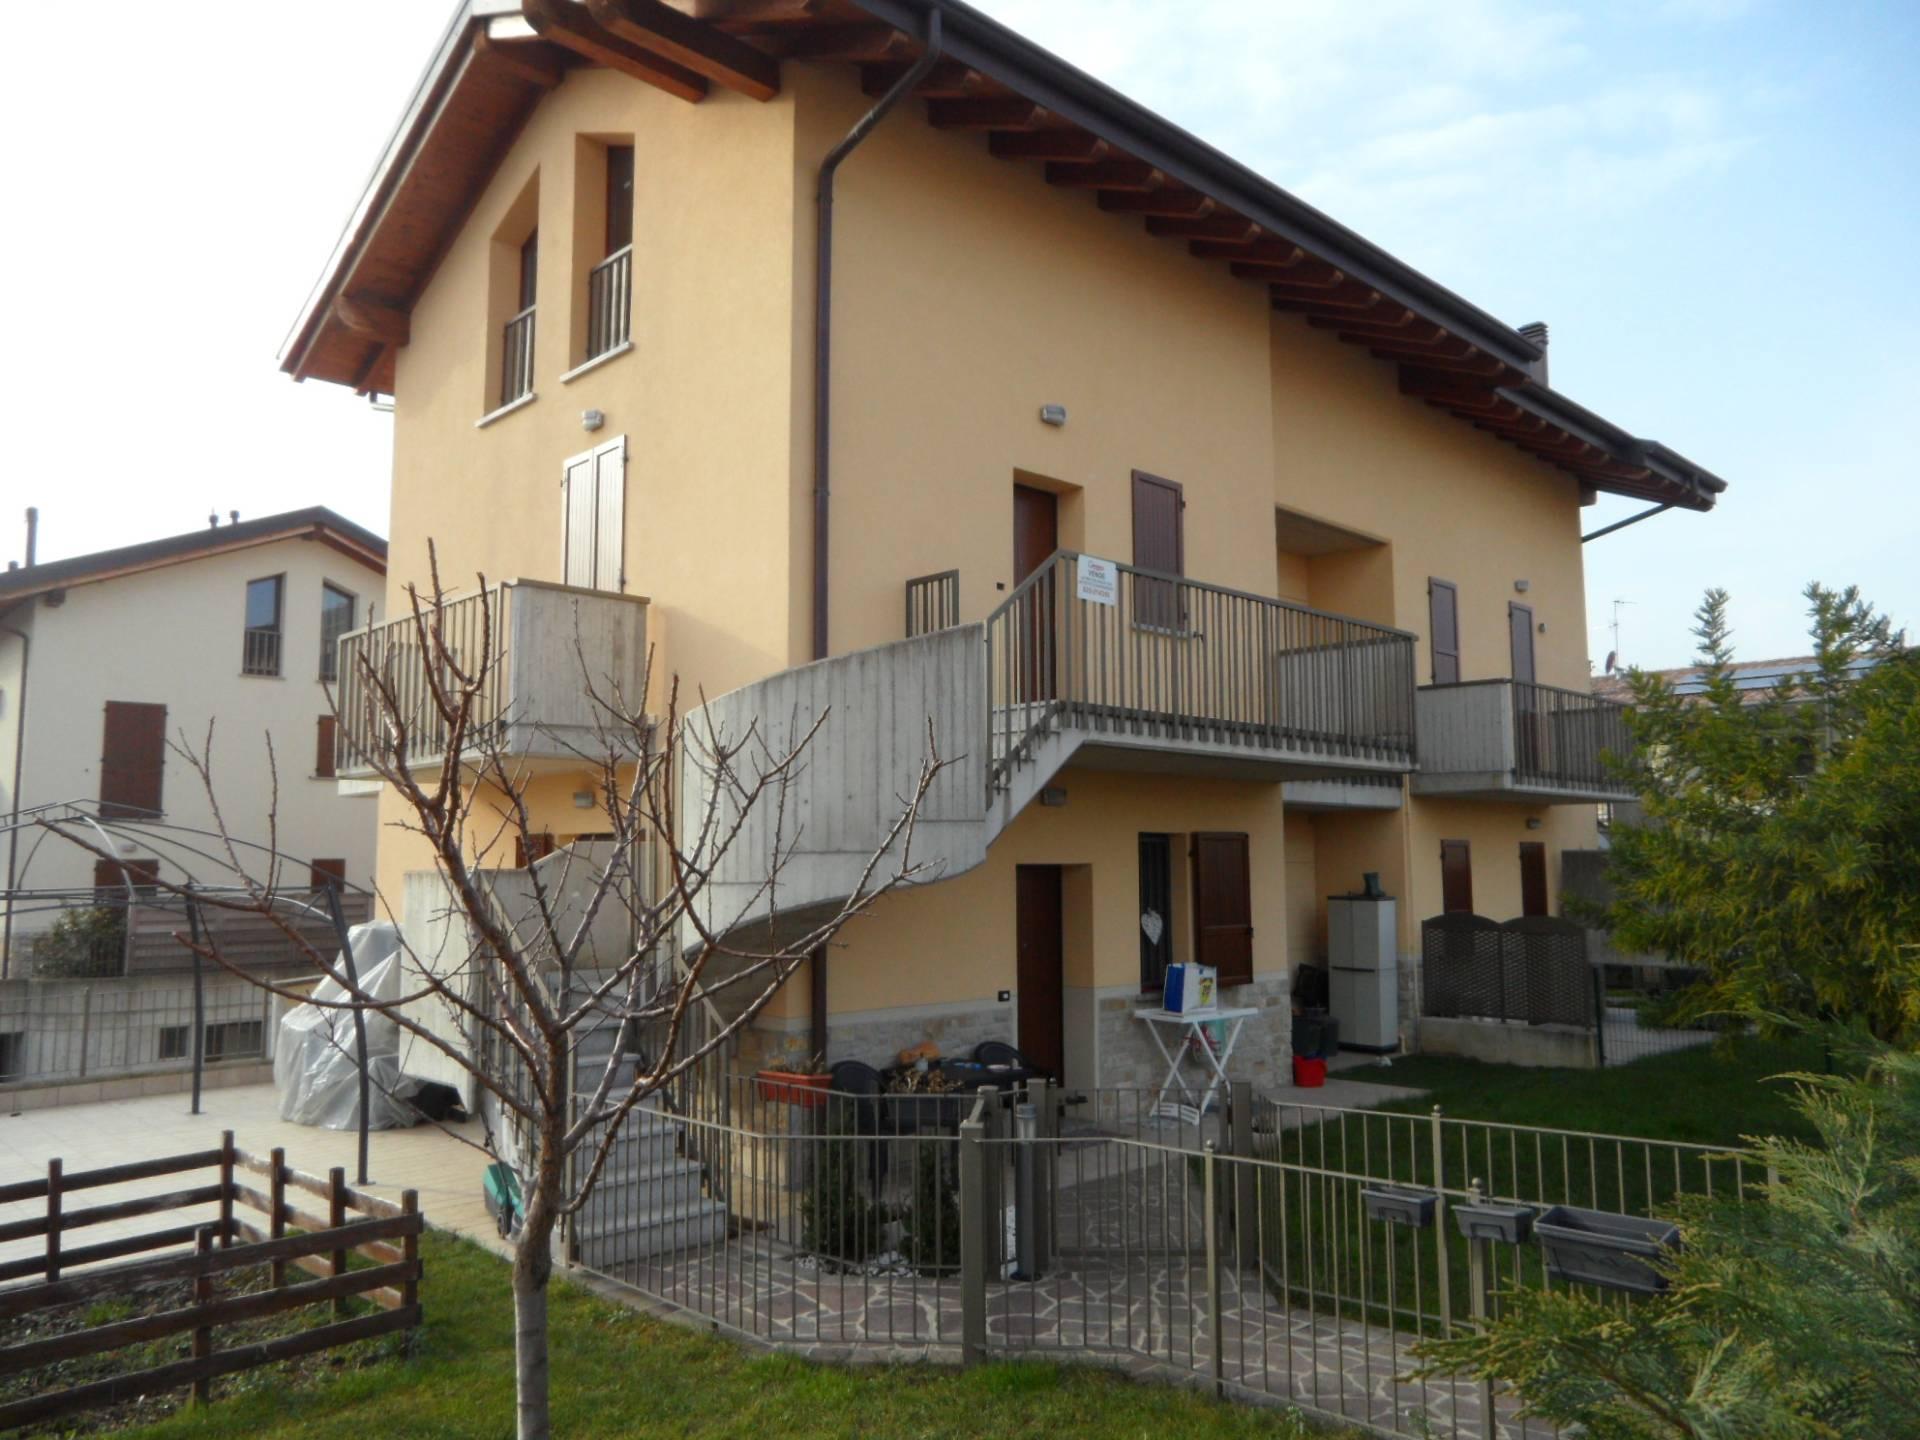 Appartamento in vendita a Grassobbio, 4 locali, prezzo € 200.000 | PortaleAgenzieImmobiliari.it